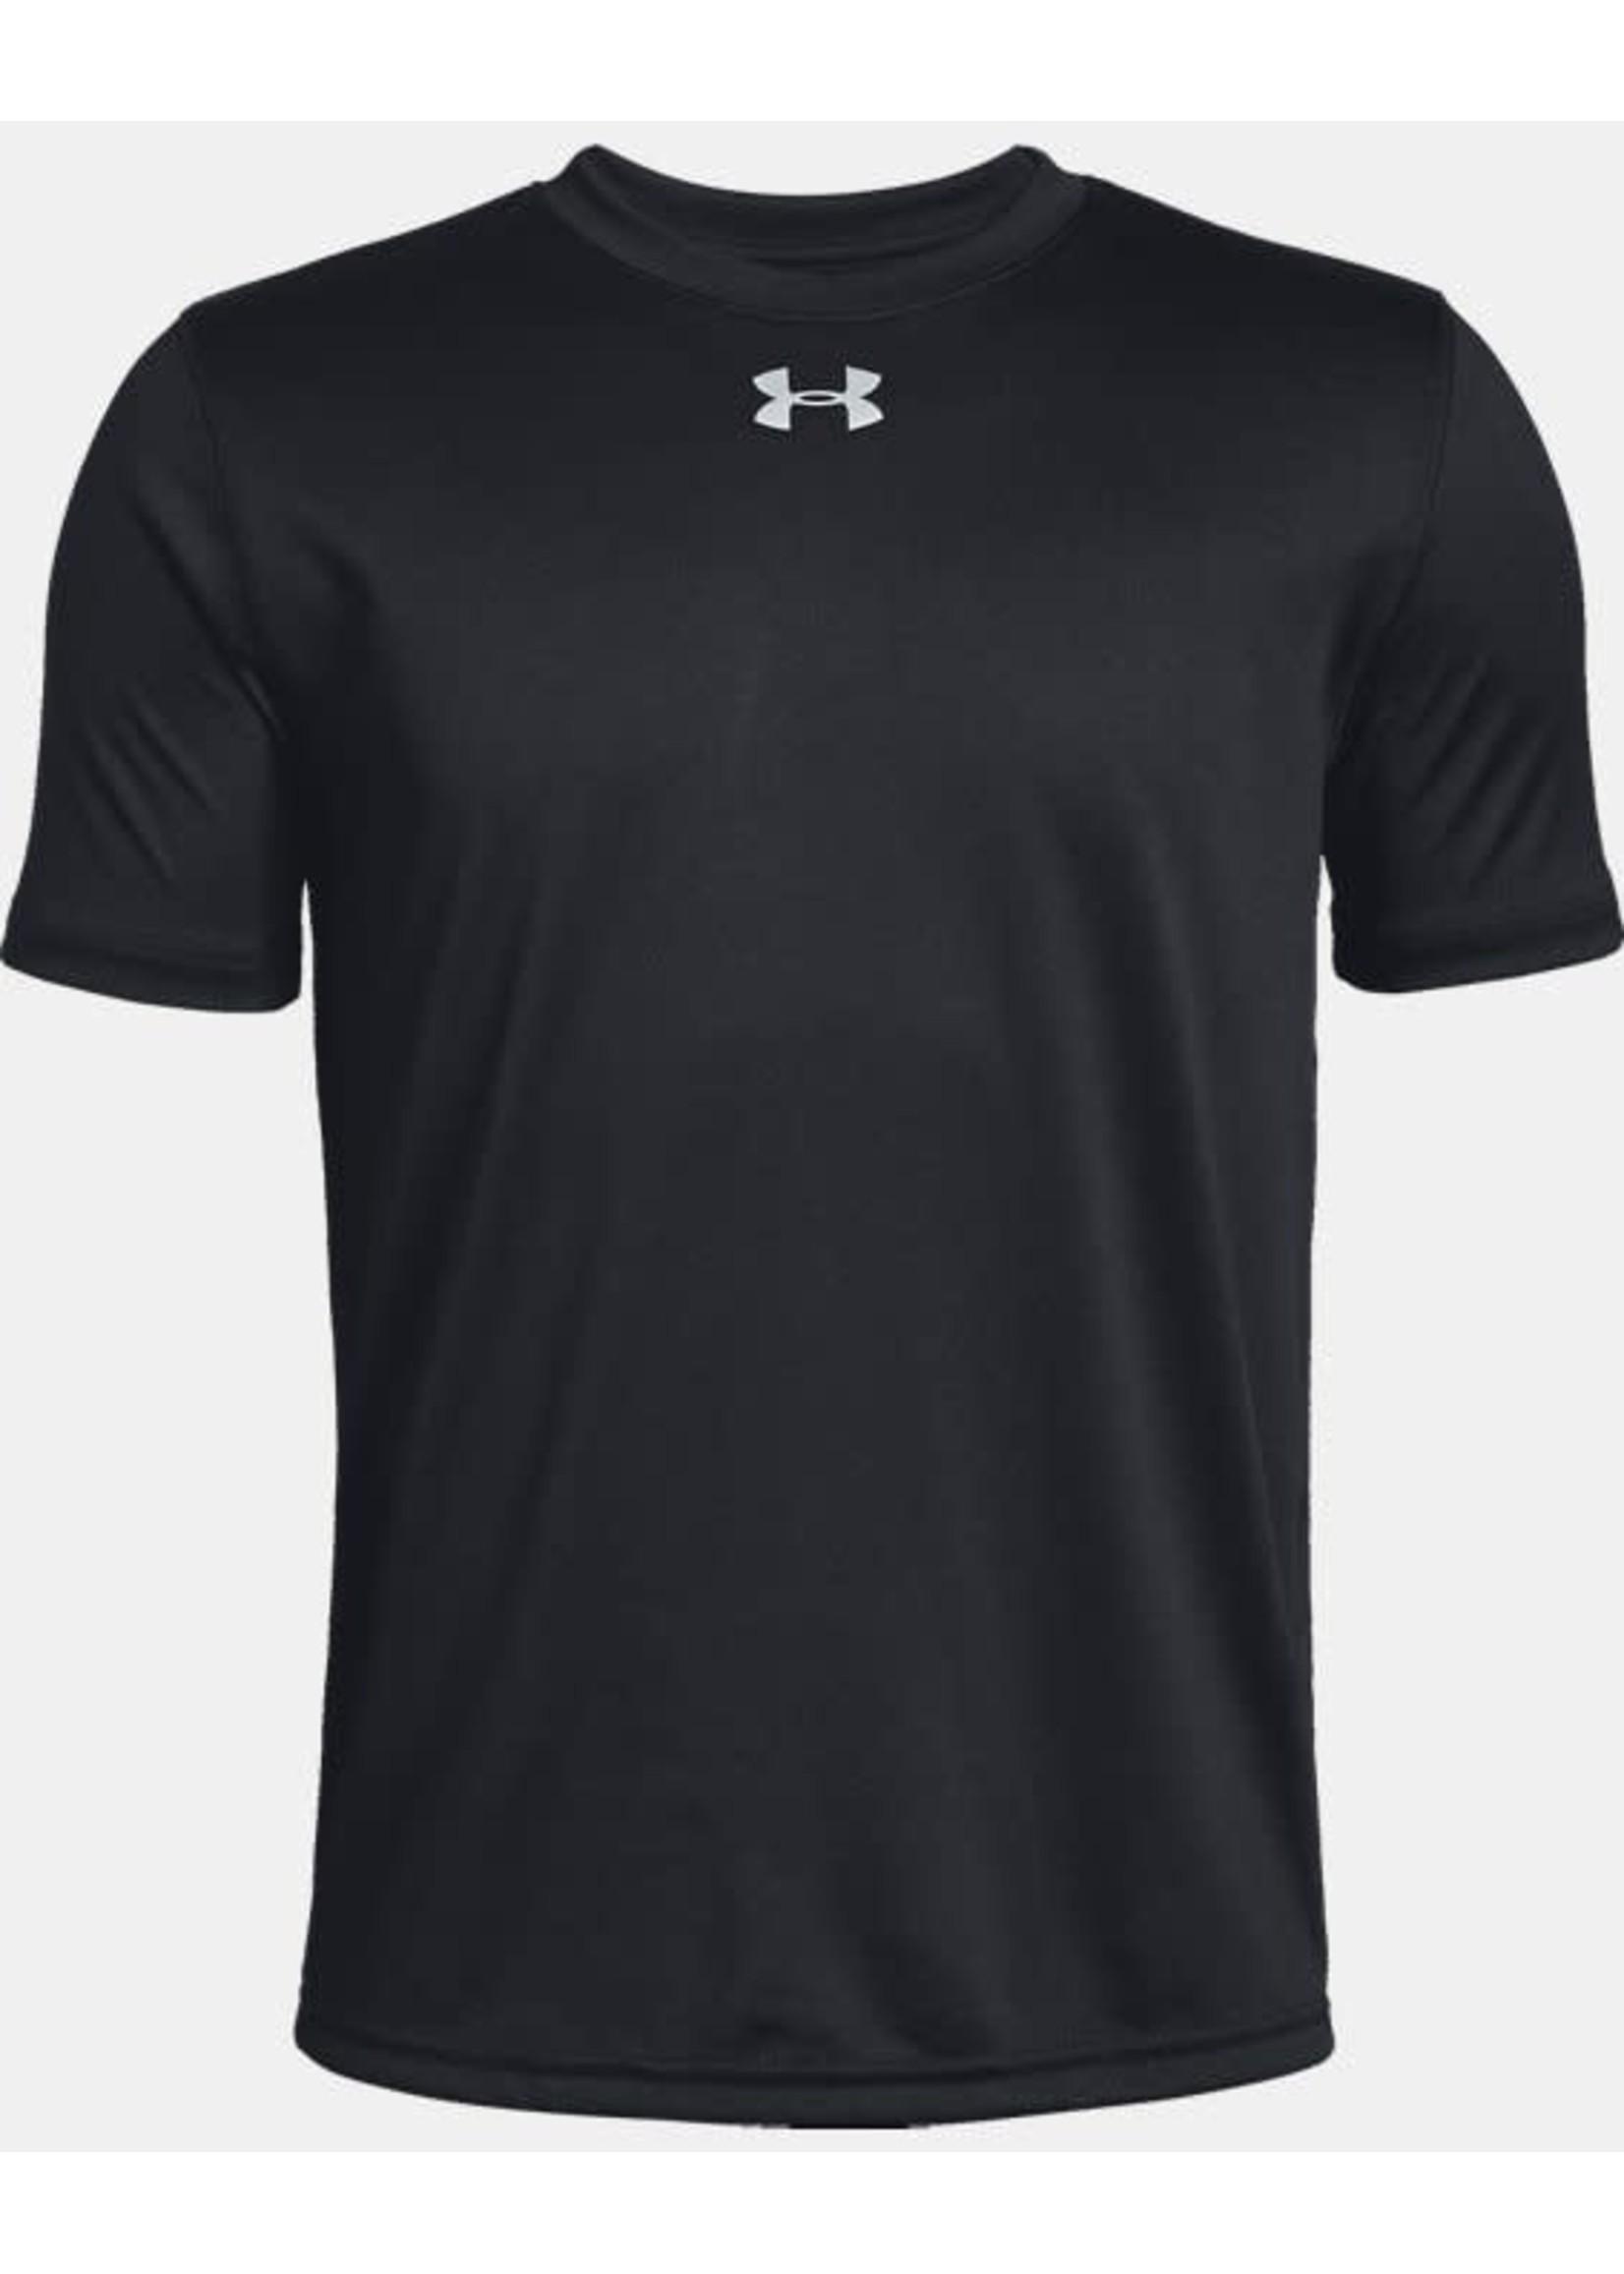 UNDER ARMOUR T-shirt Locker Tee